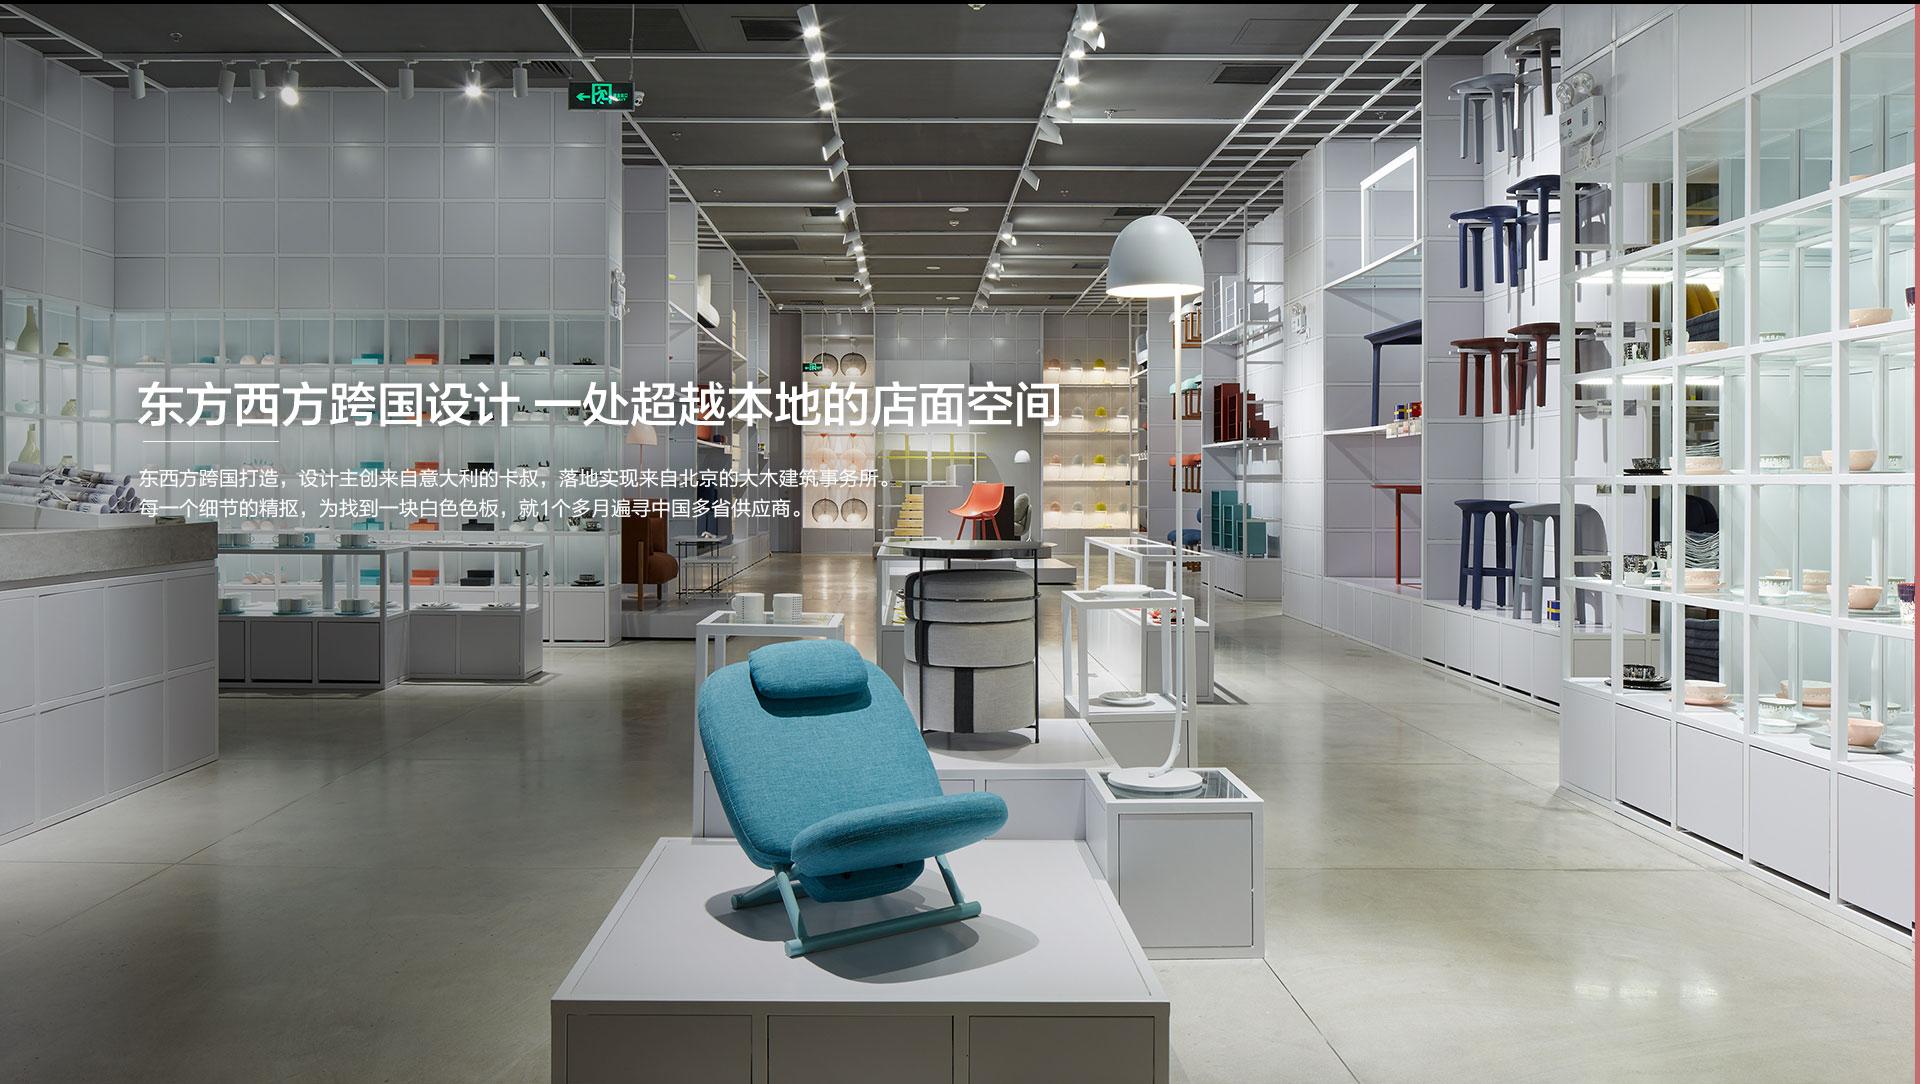 东方西方跨国设计 一处超越本地的店面空间